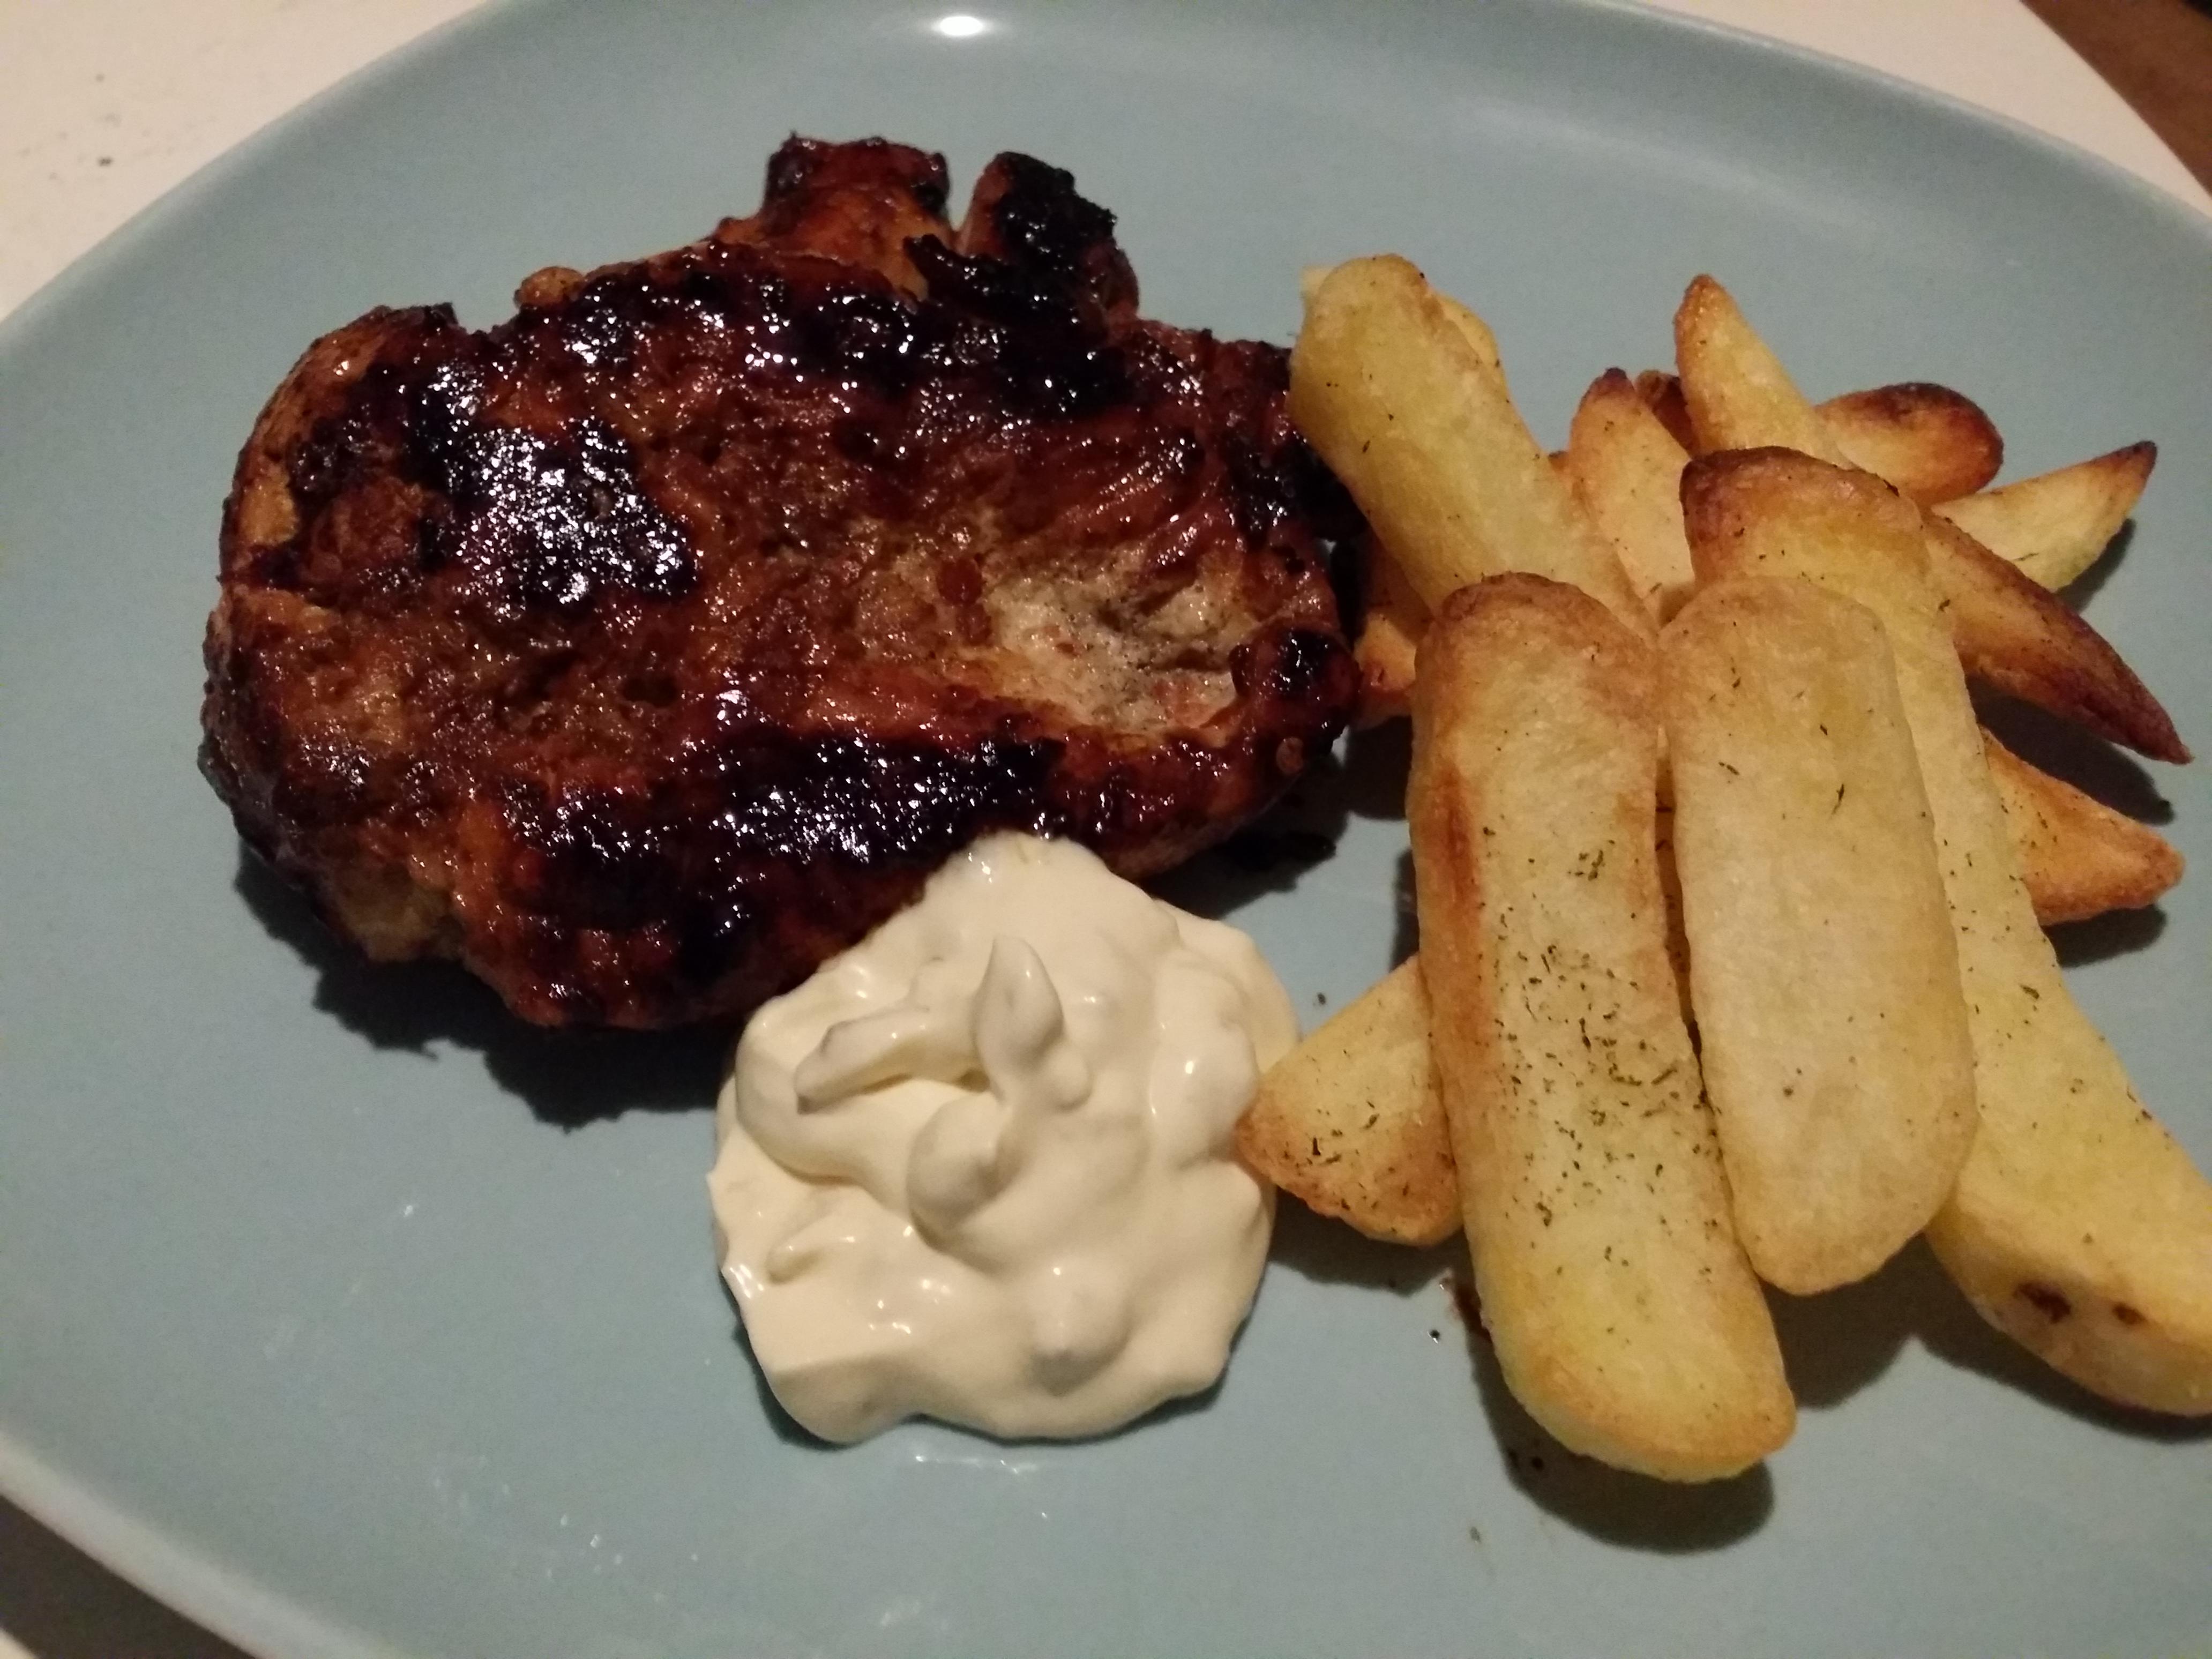 Nya recept: Marinerad kyckling med vitlökssås #recept #kyckling #vitlök #sås #middag #nyttrecept